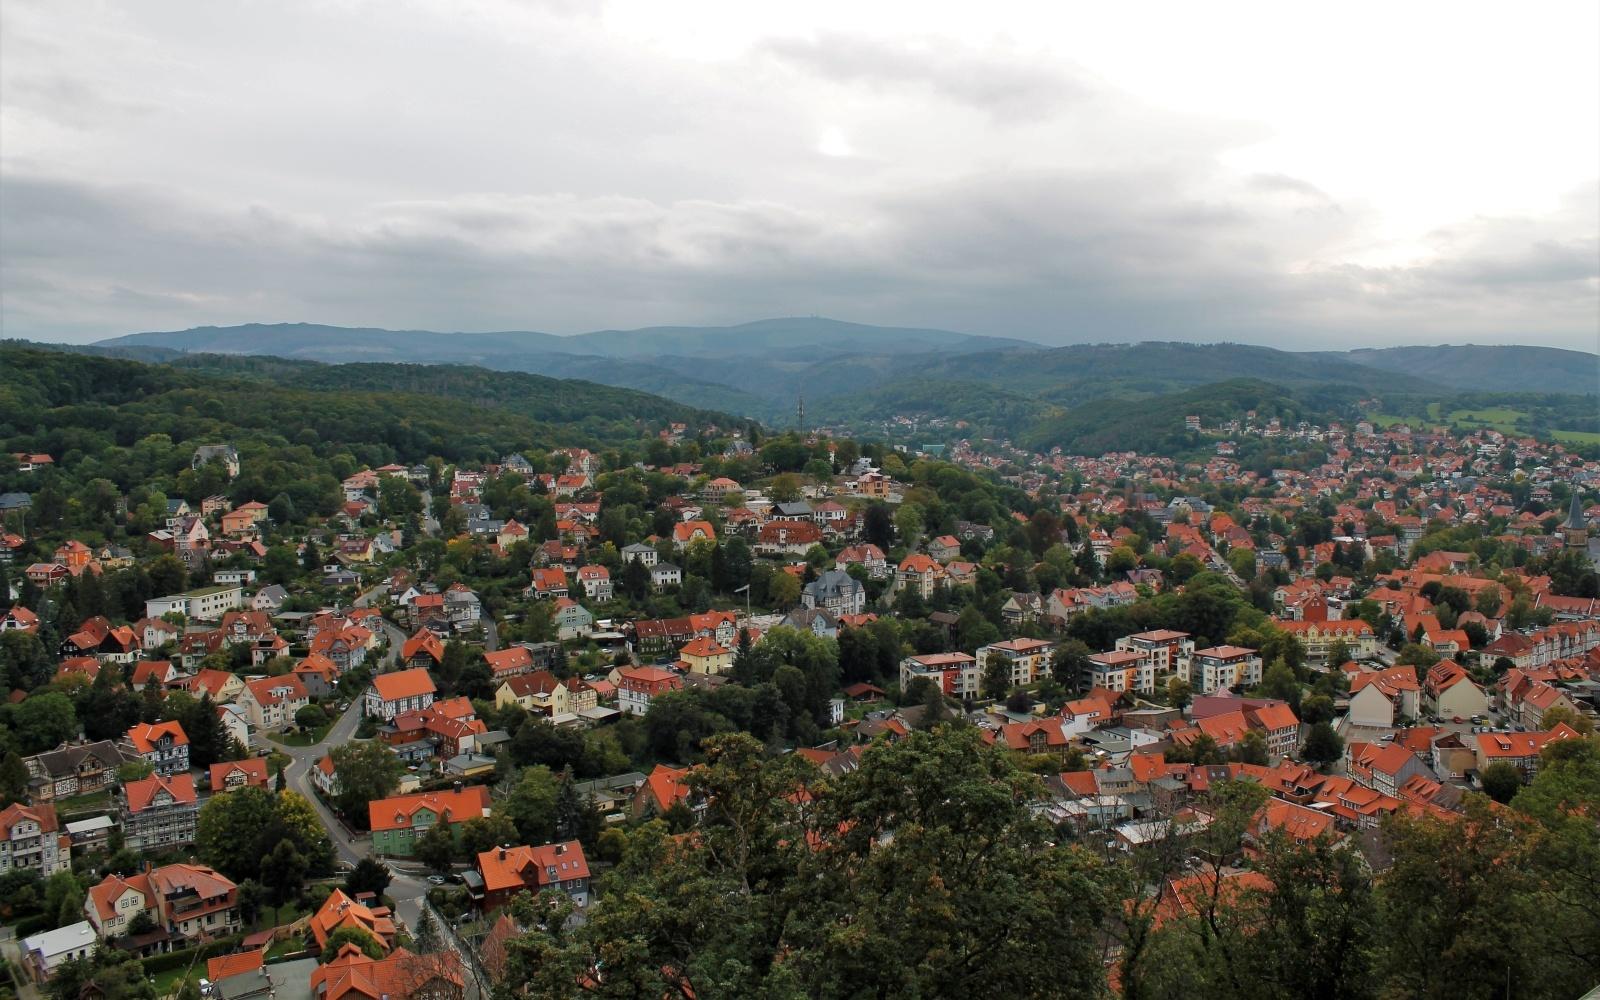 Het uitzicht over Wernigerode en de Harz